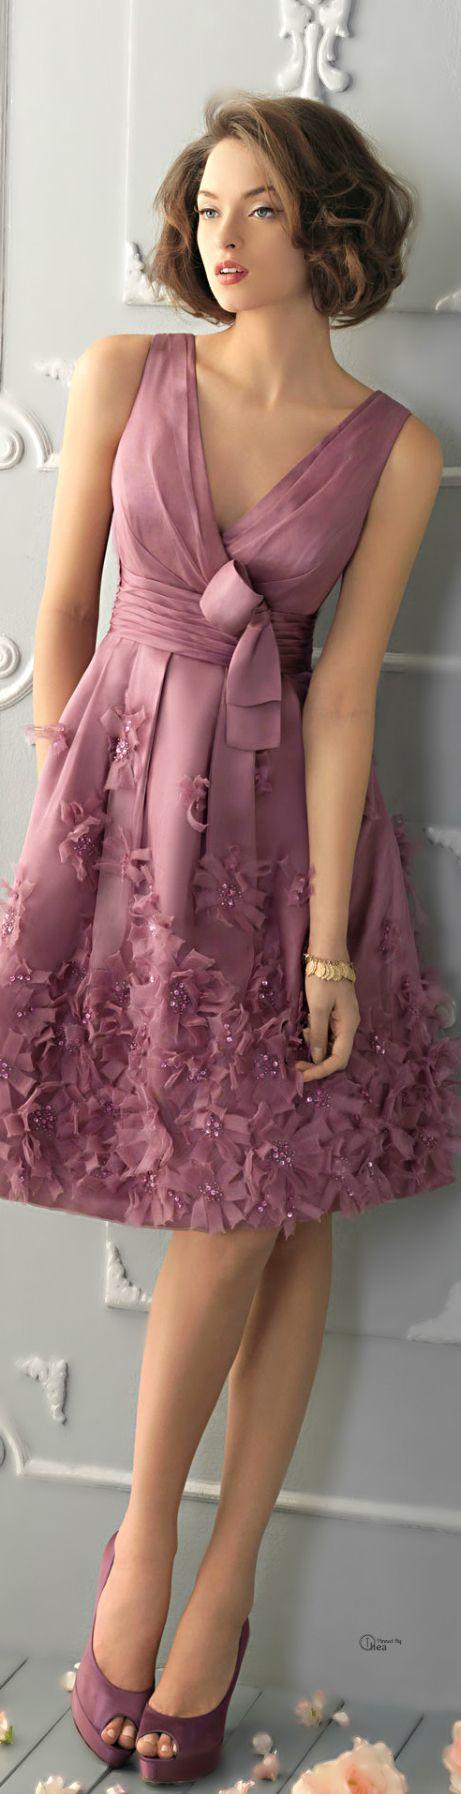 En algunas ocasiones los vestidos de color rosa claro son muy comunes pero para tus xv años no es así, son los mejores que puedes elegir, el color rosa en los vestidos de xv años se ve muy lindo y con un resplandor para que luzcas muy guapa, este modelo es estilo princesa, el escote es en forma de un pentágono el cual la hace lucir muy bella, los accesorios lucen del mismo color que el.